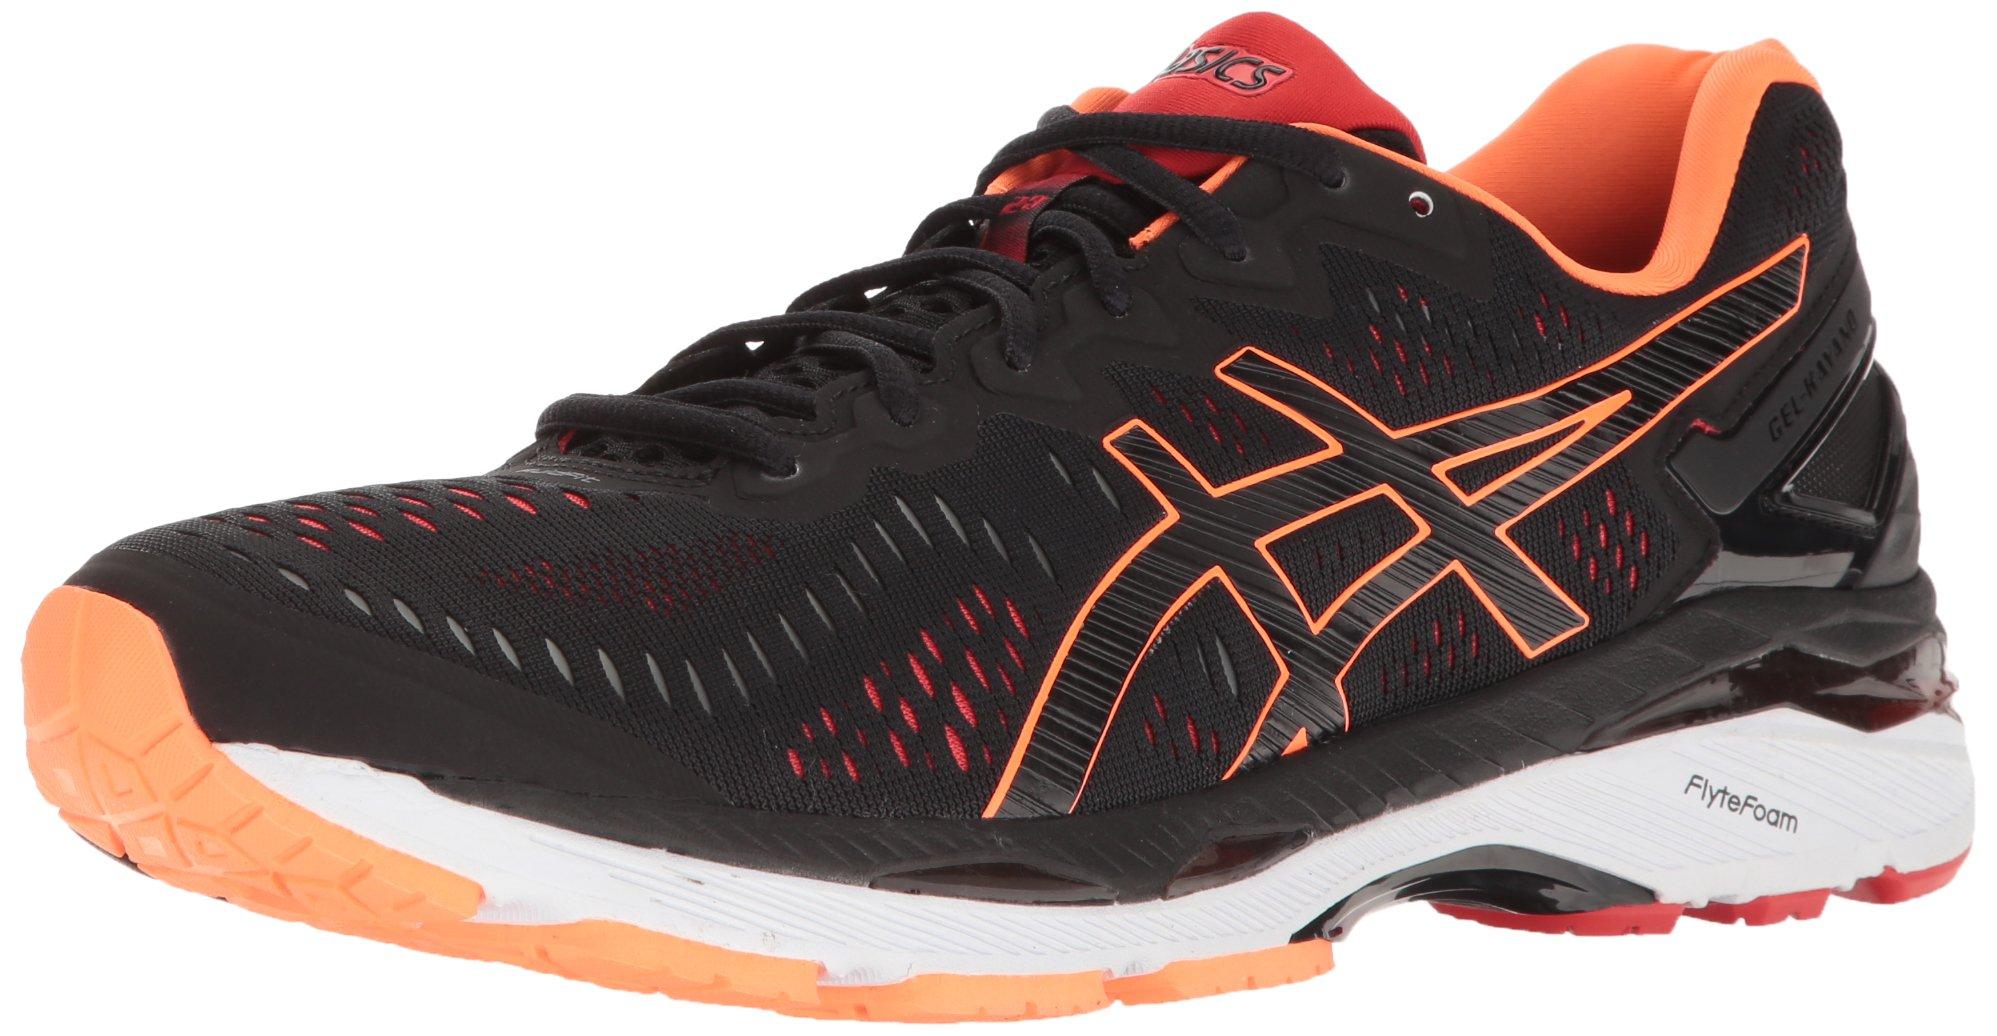 ASICS Men's Gel-Kayano 23 Running Shoe, Black/Hot